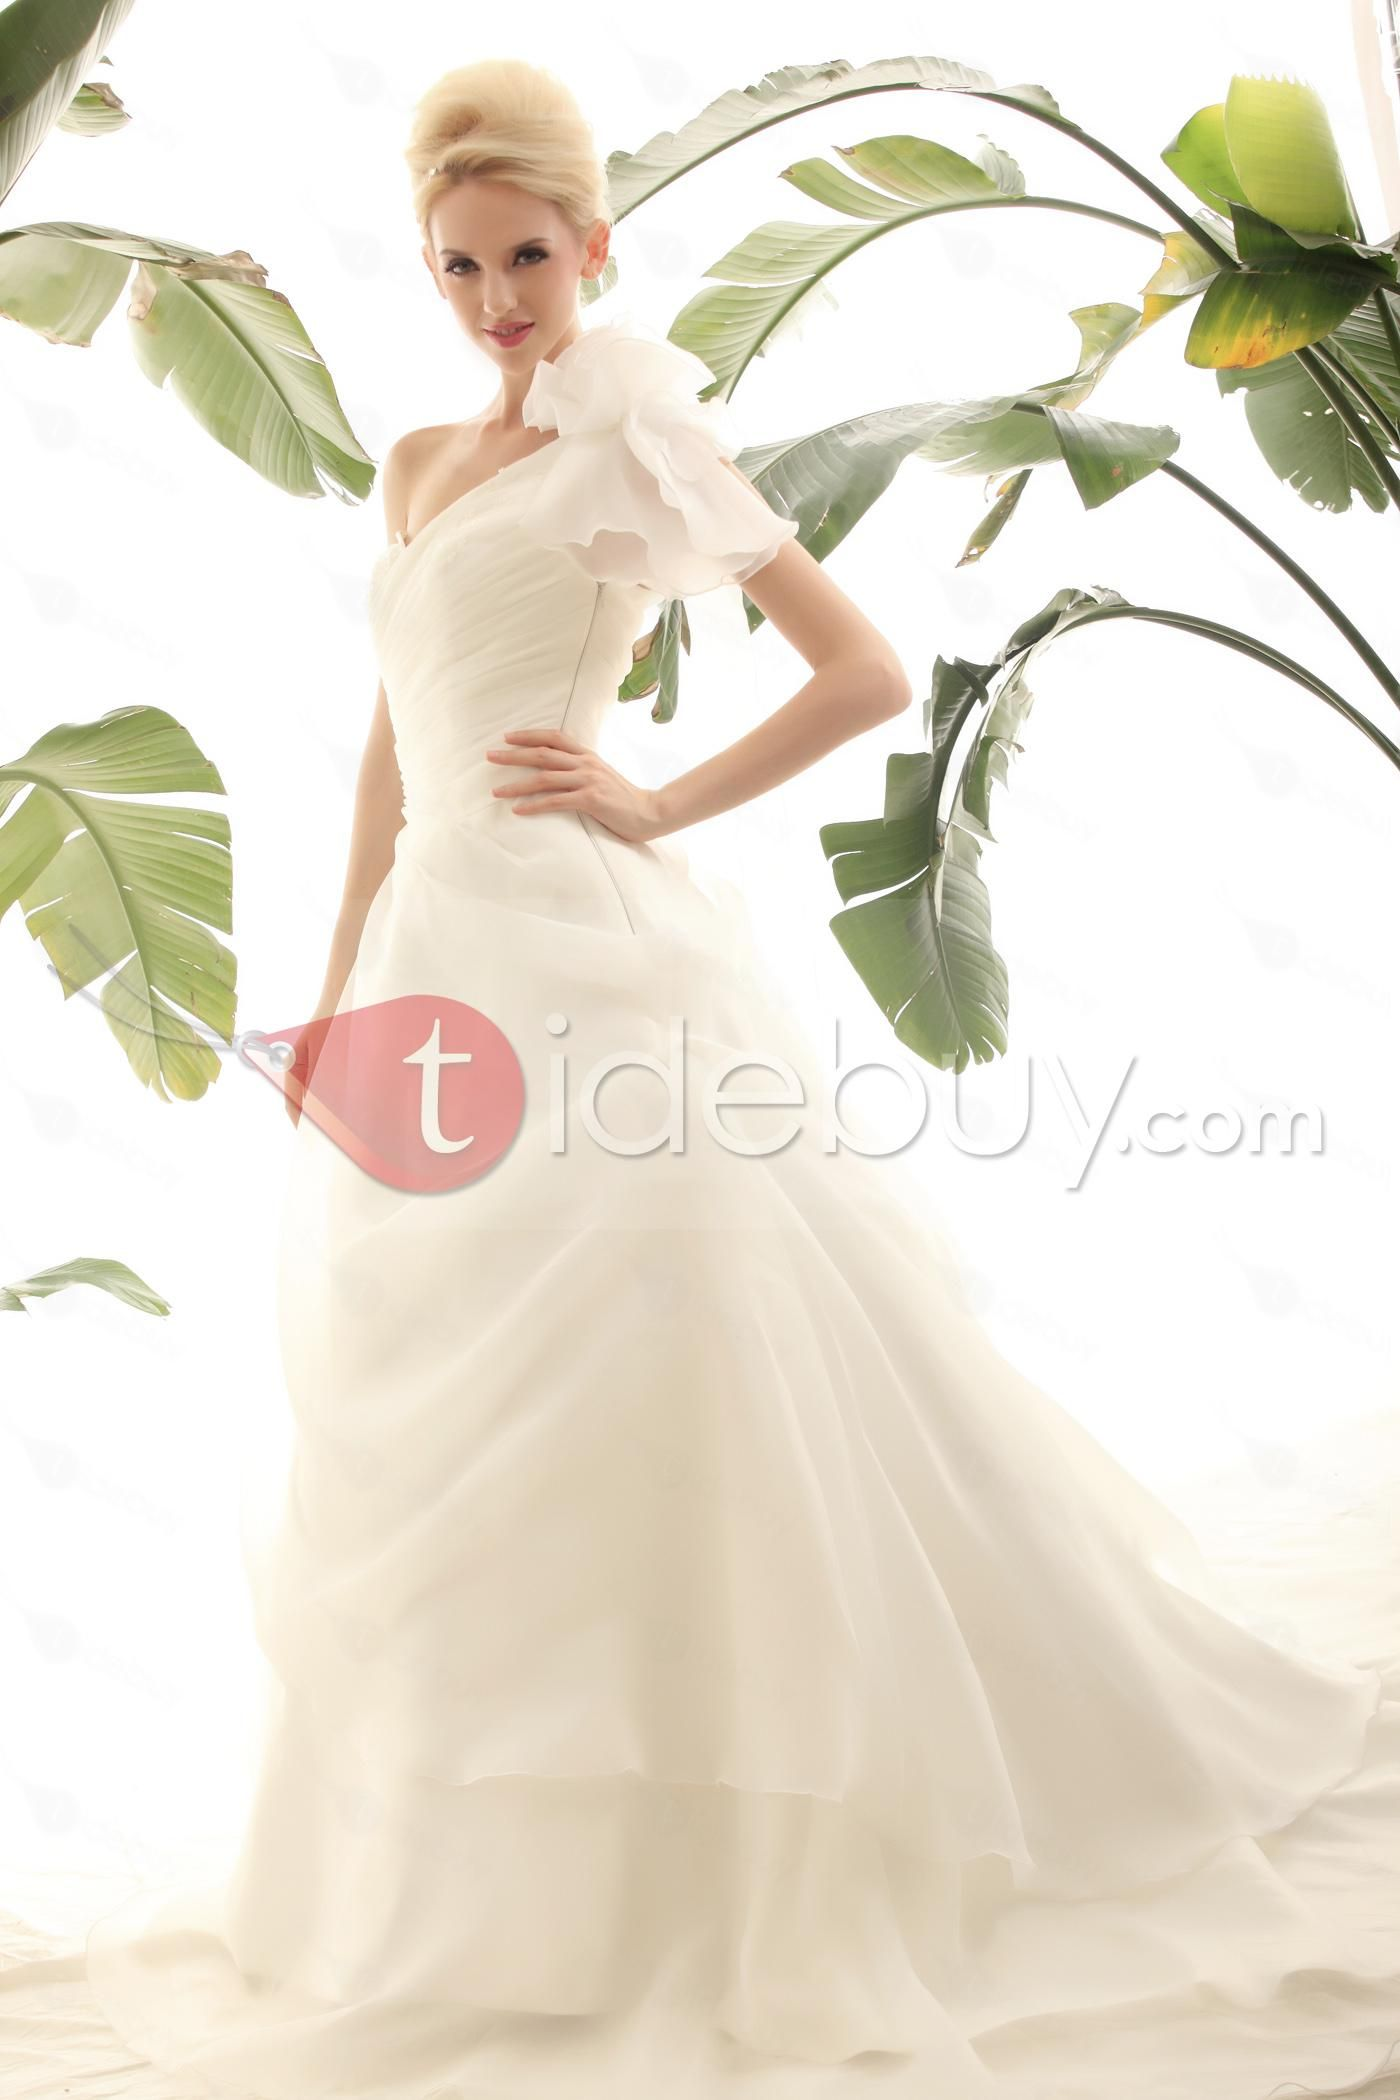 Aラインワンショルダー床まで届く長さチャペルピックアップウェディングドレス